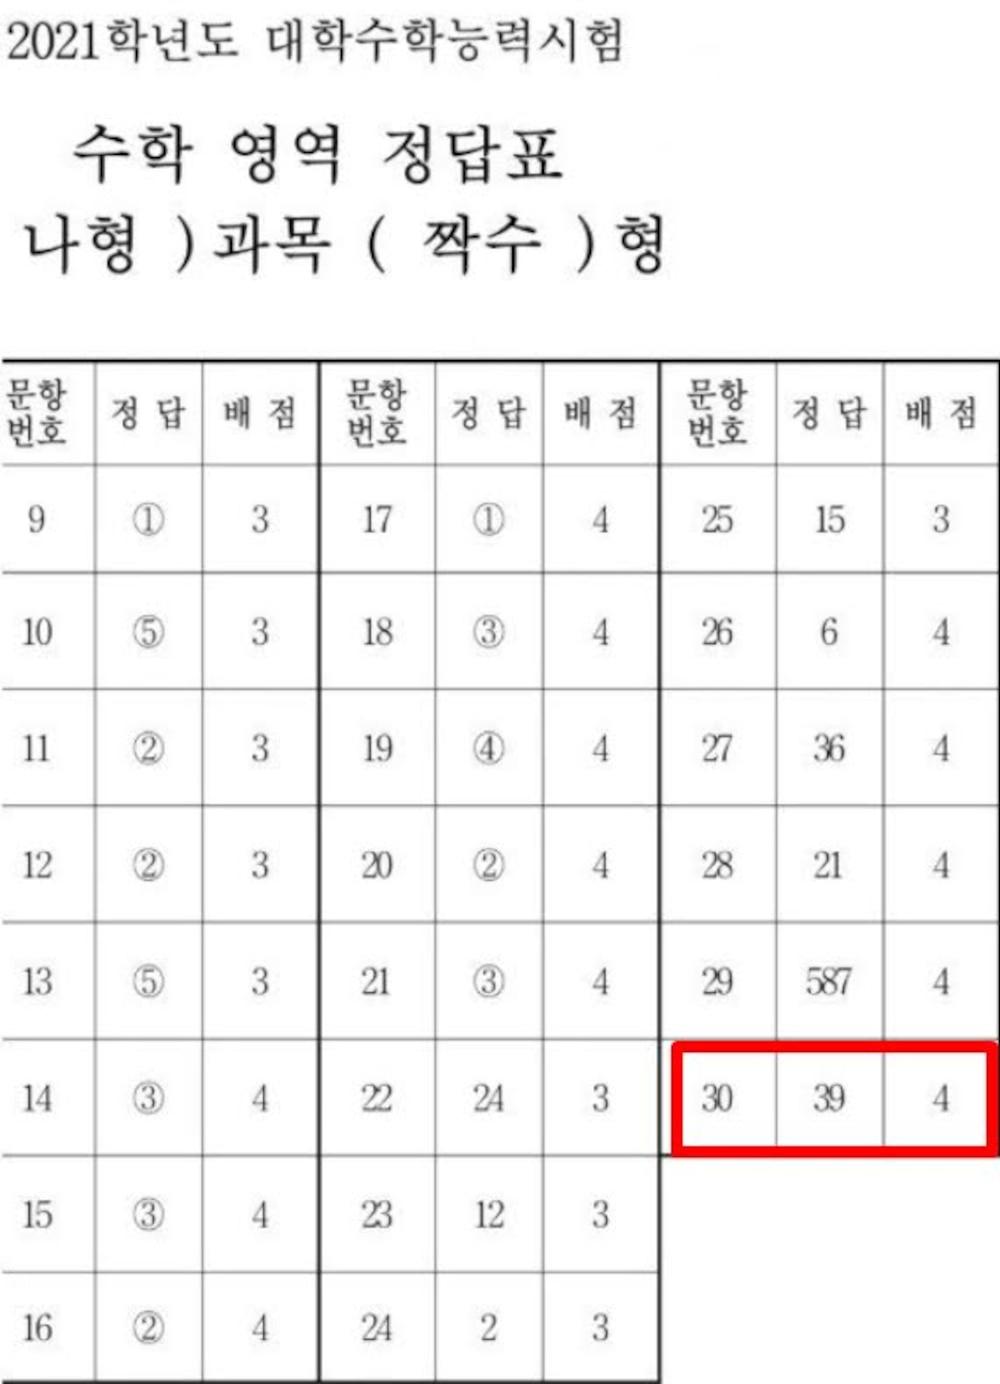 Thí sinh này cho biết mình không có đủ thời gian làm hết 30 và đã 'viết lụi' sinh nhật của Taeyeon vào đáp án câu cuối.